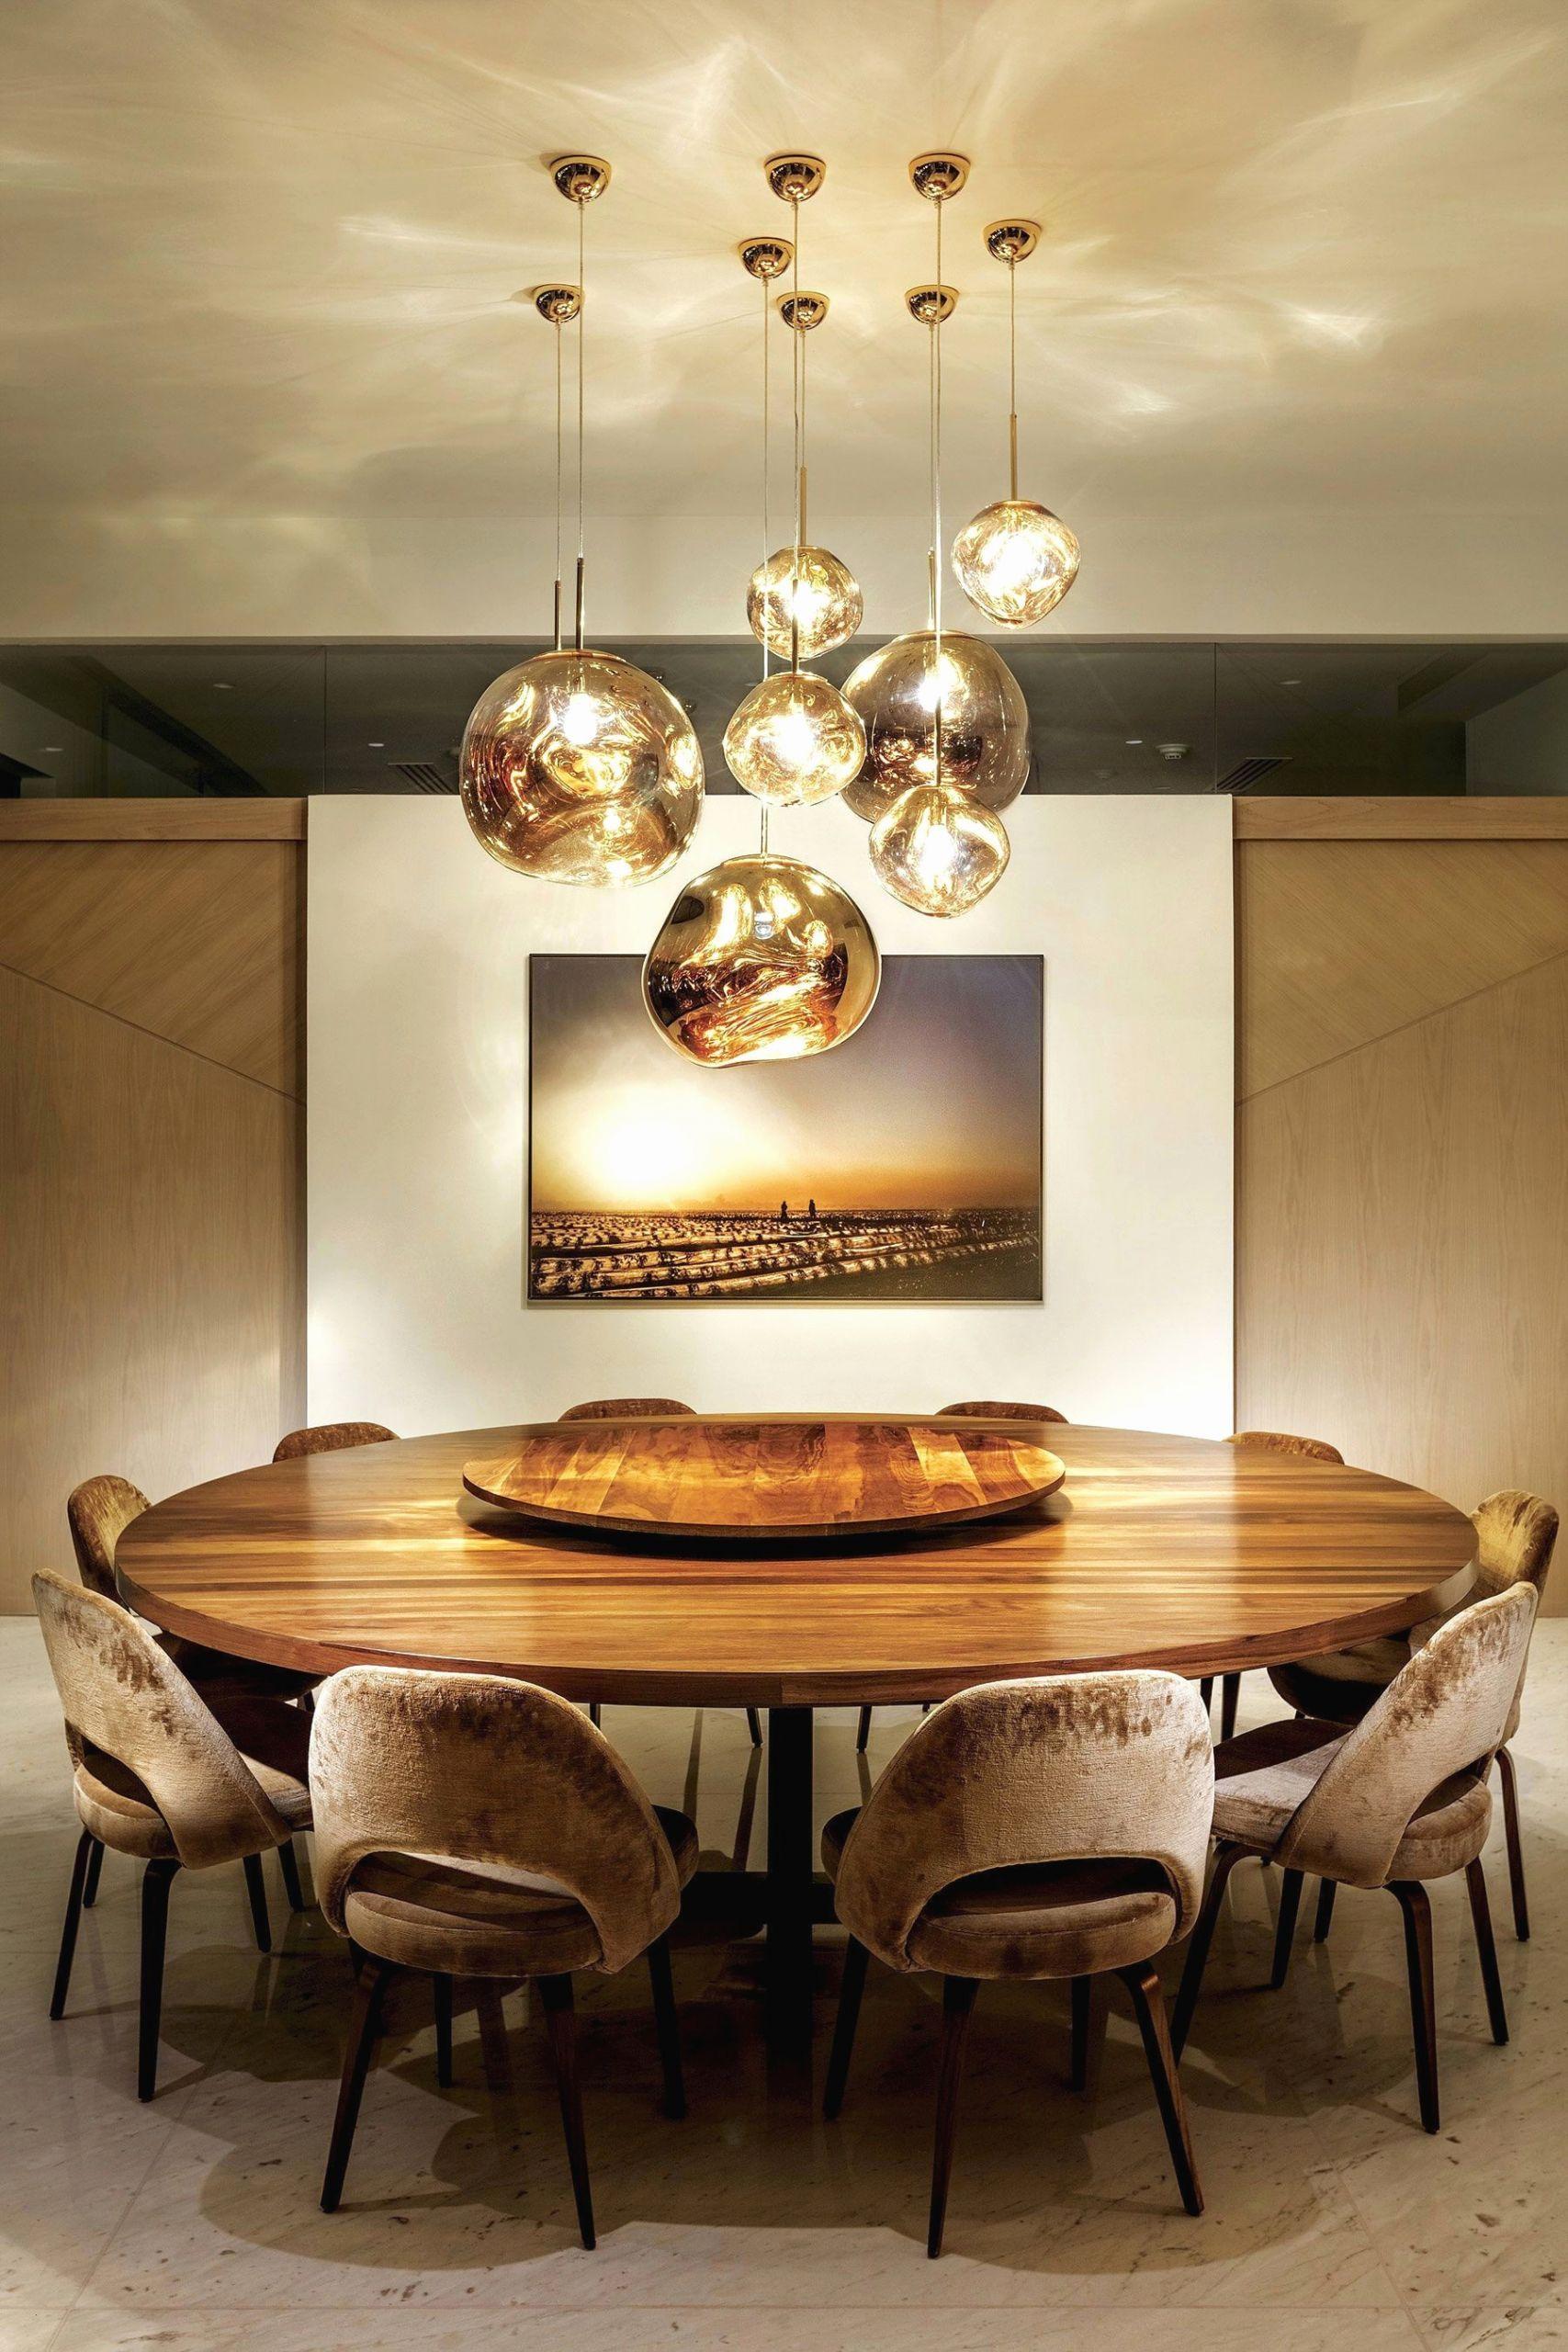 Dining Room Table Chandeliers Di 2020 Meja Makan Meja Ruang Tamu Kursi Ruang Keluarga